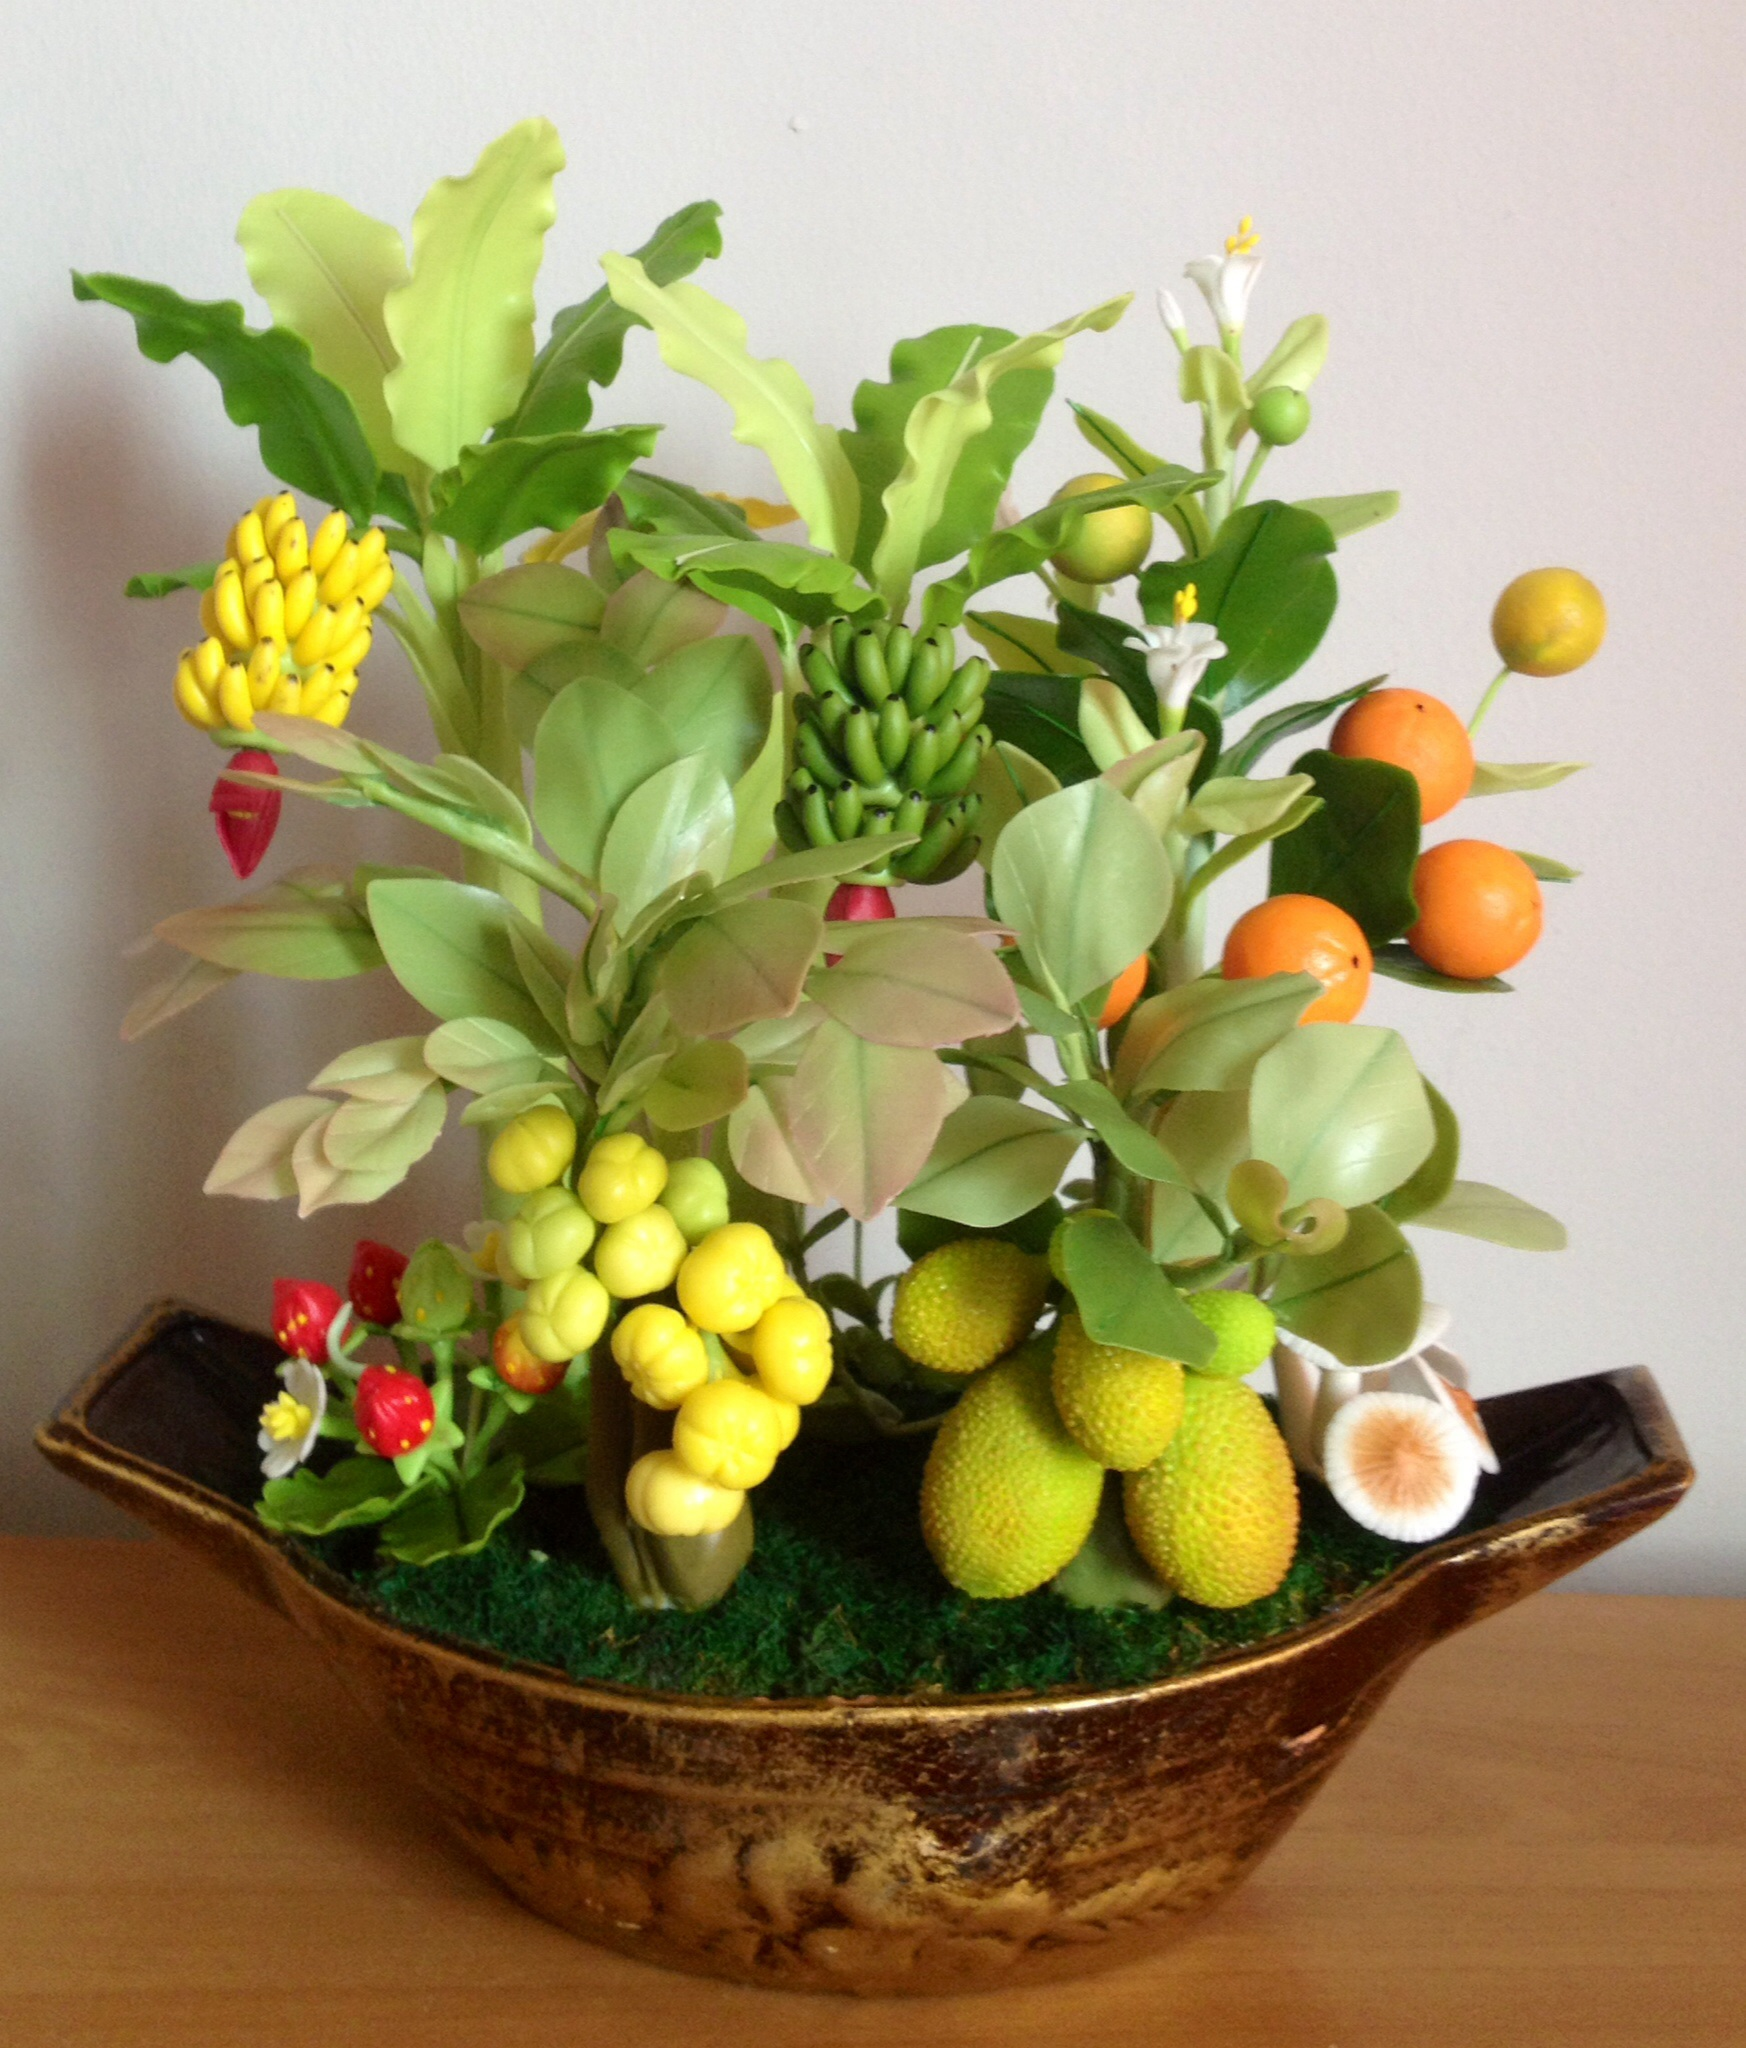 C008-สวนต้นไม้มงคล มะยม ส้ม ขนุน กล้วย_ไซร์ 4-6 นิ้ว